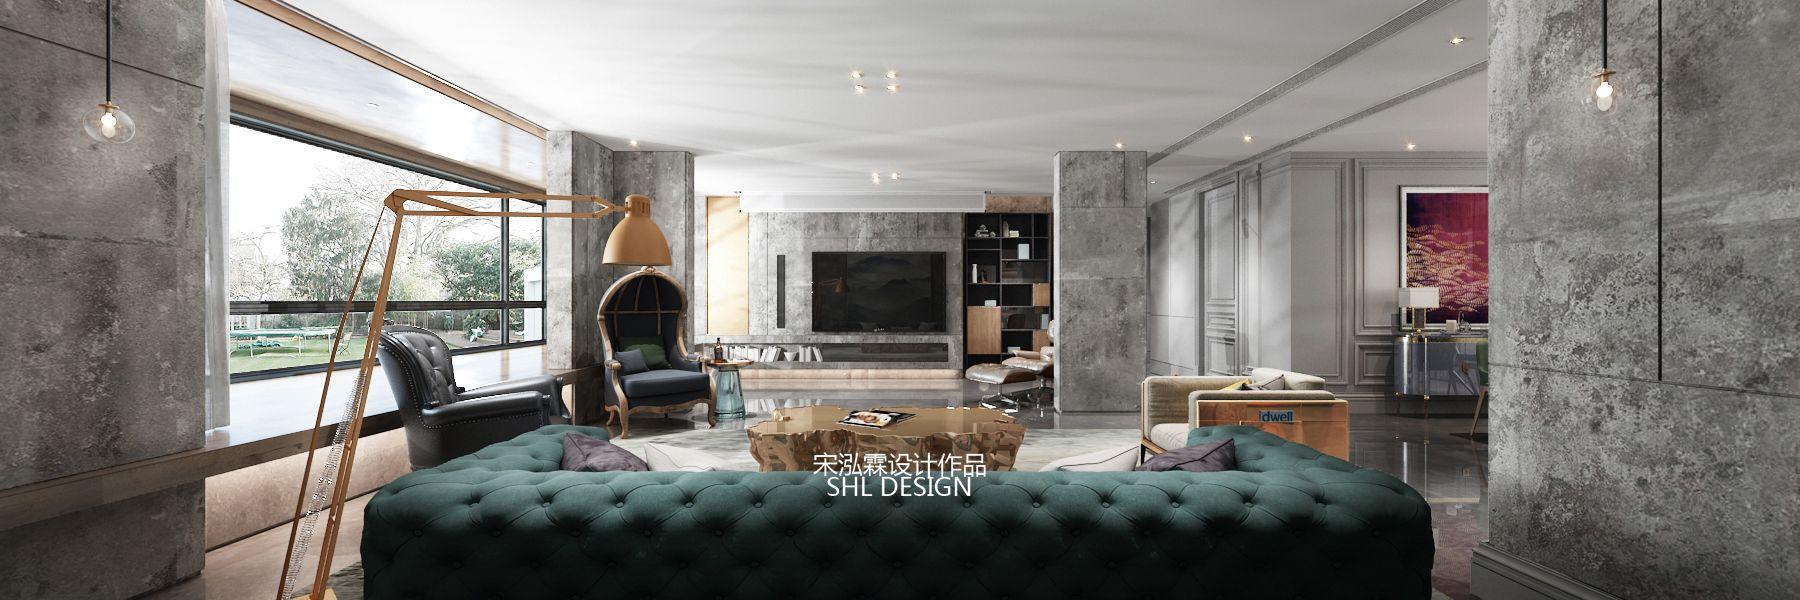 本案的主题为现代轻奢风格,简约俐落的质材铺叙与敞明大方的格局尺度,是轻奢风定调的设计居宅中,不可或缺的重要元素。